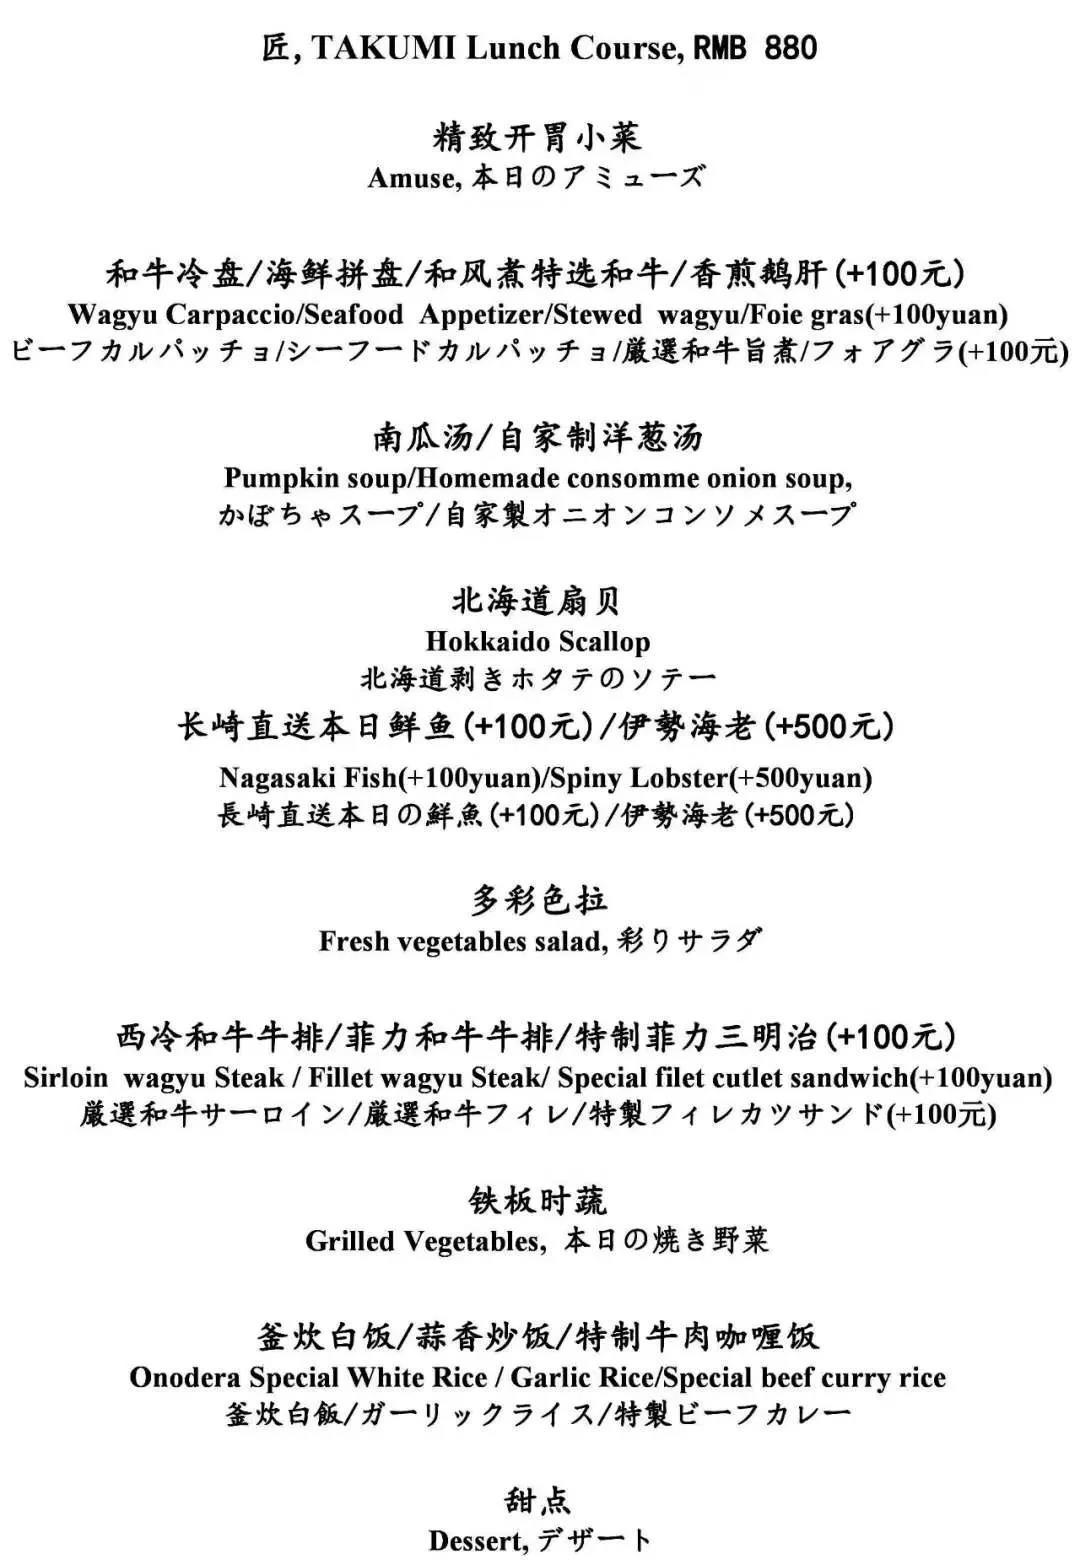 鉄板焼 [上海店] ランチメニュー5